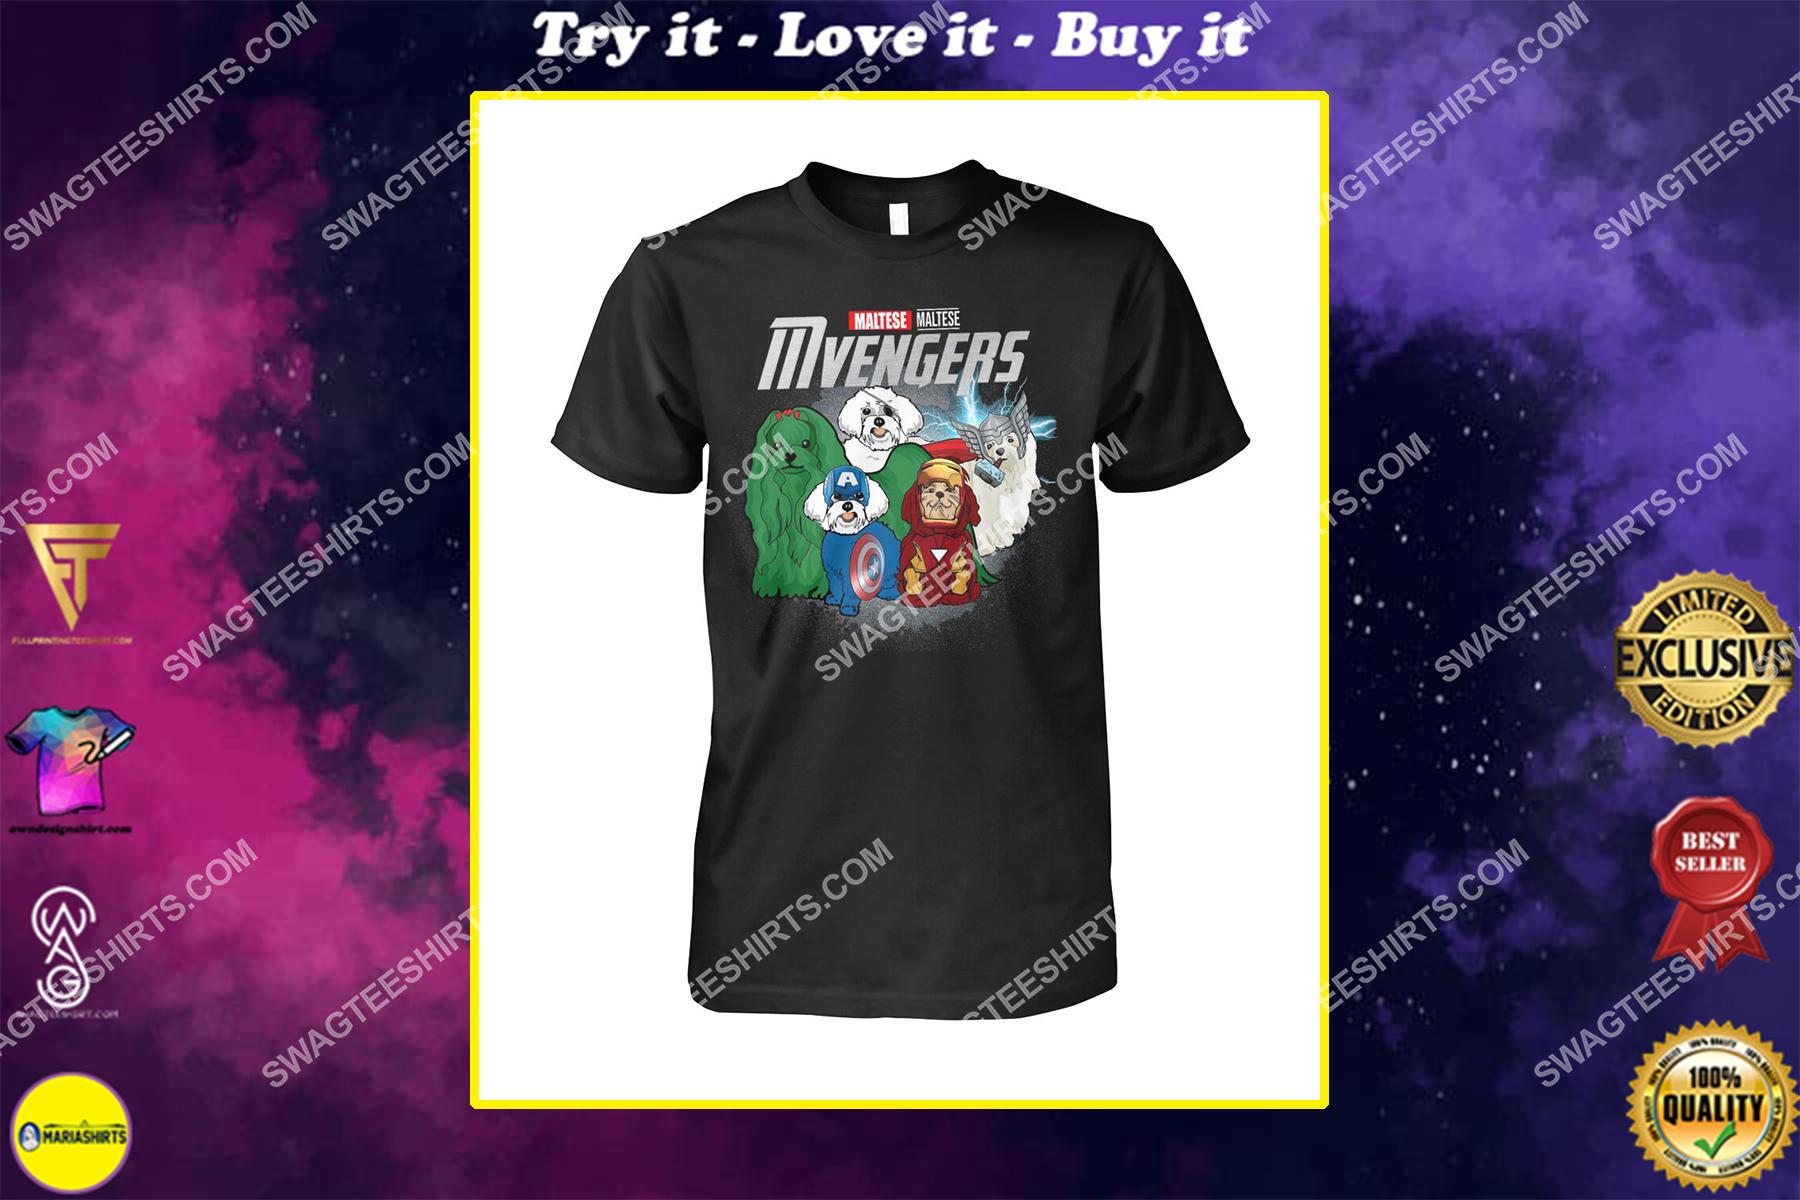 maltese mvengers marvel avengers dogs lover shirt